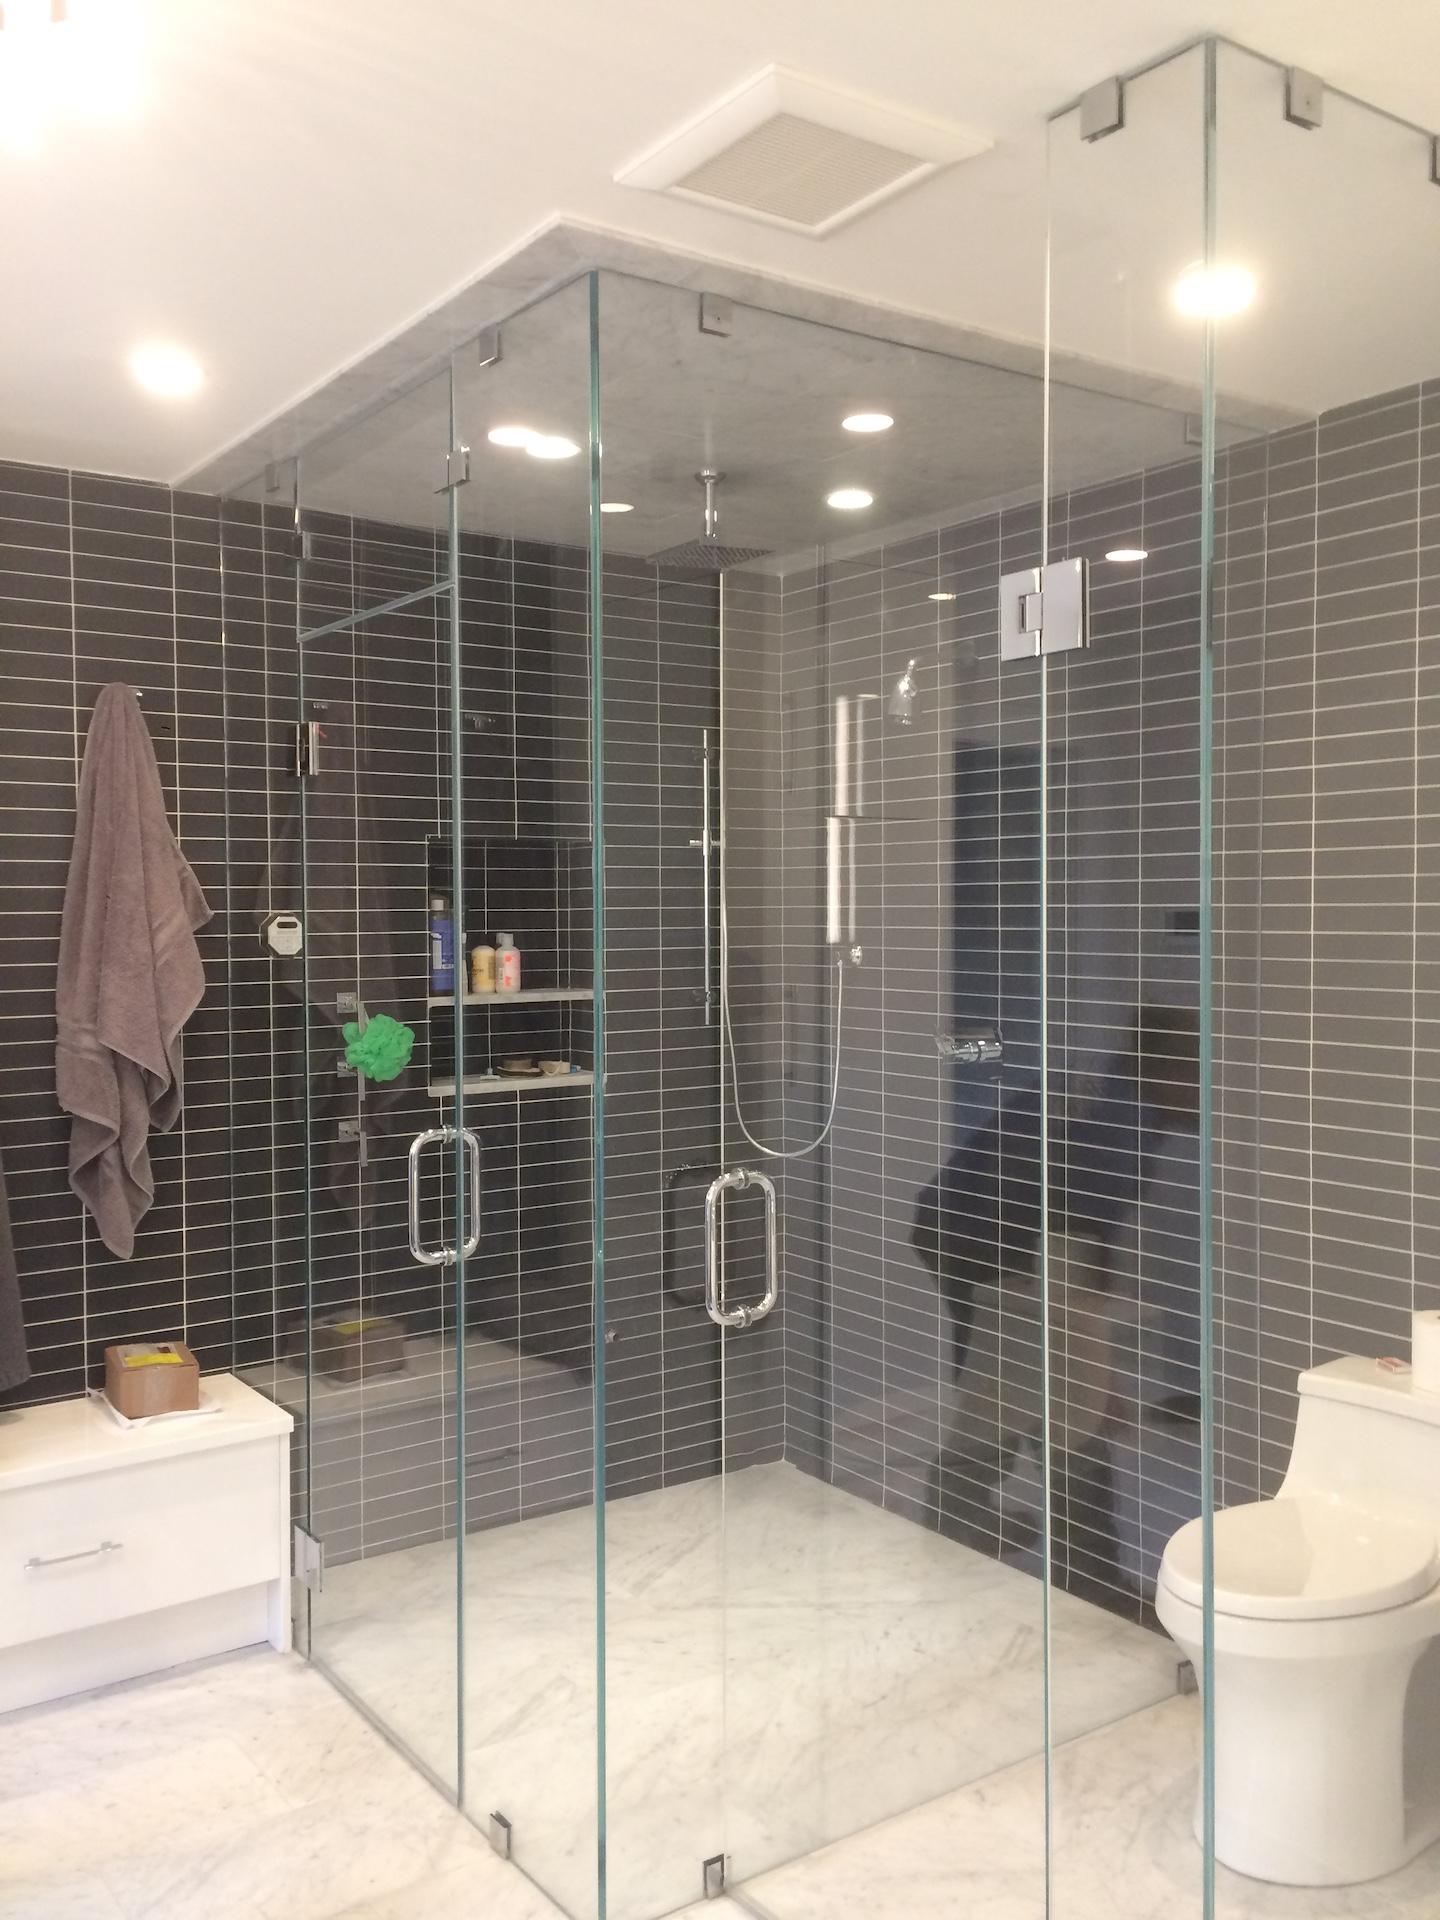 Shower Installations - Stamford Shower Glass & Mirror